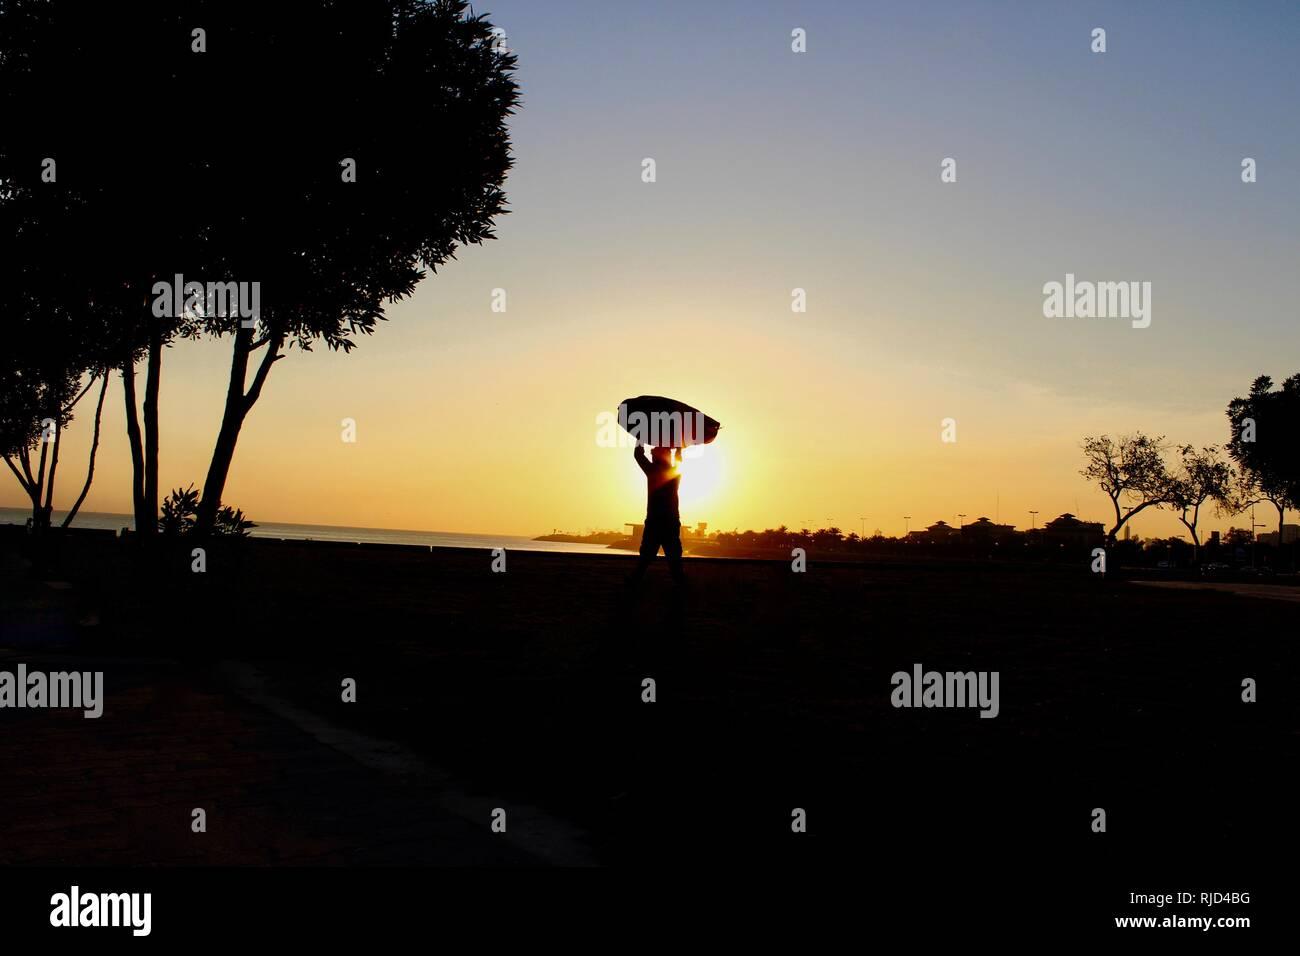 kuwait sunrise - Stock Image